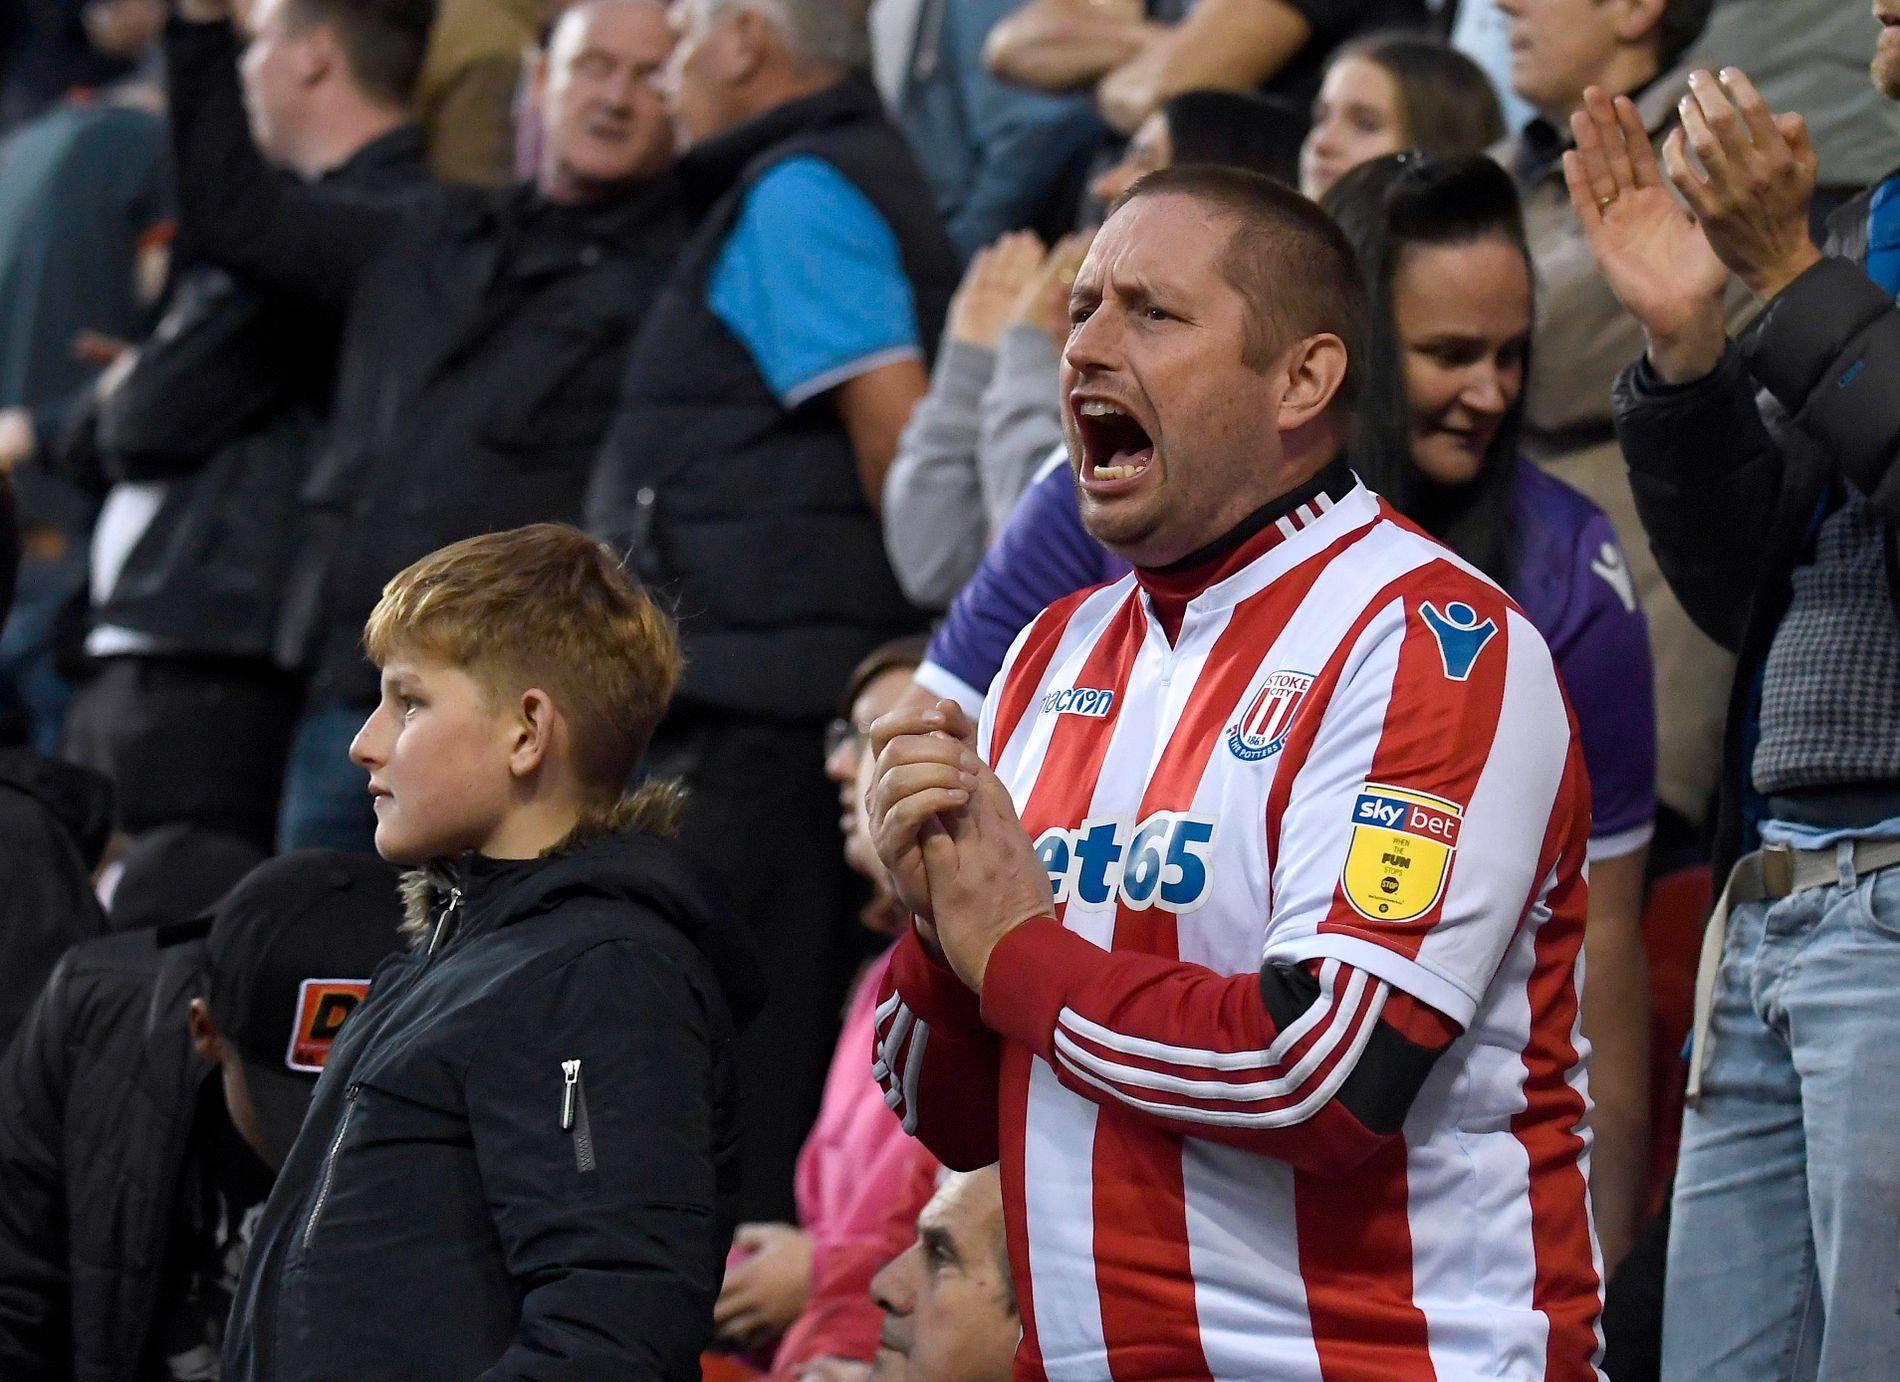 Stemningen er sitrende på Britannia når den tradisjonsrike klubben Stoke City spiller.